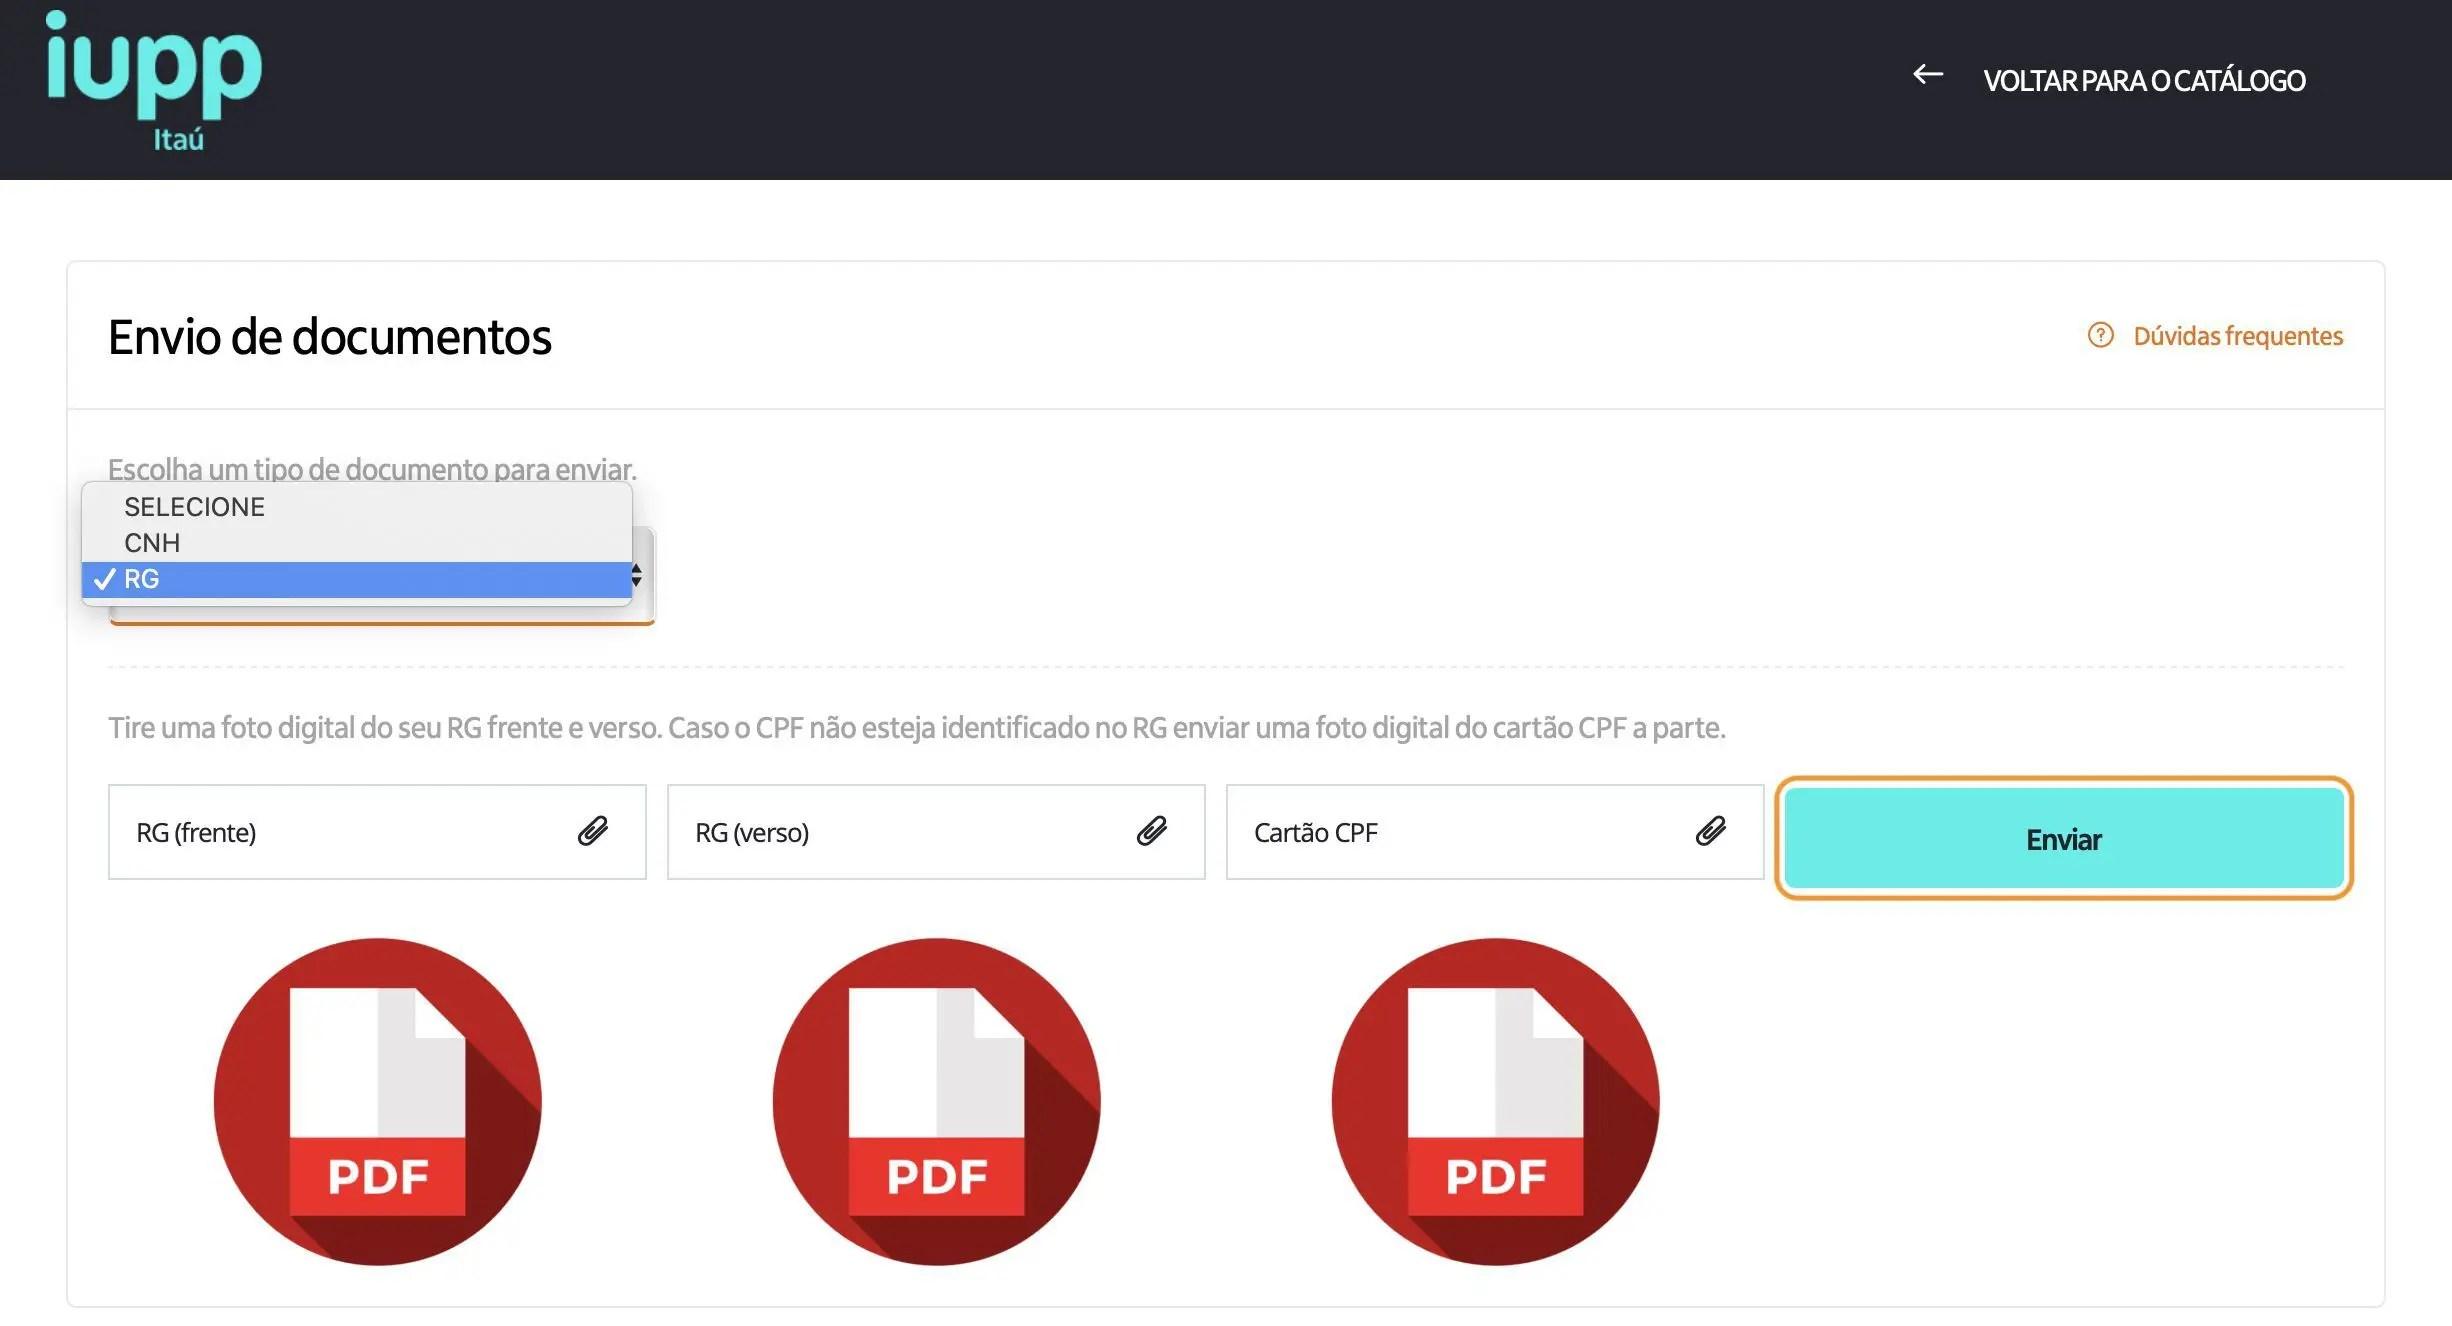 enviar documentos para a verificação em duas etapas do iupp